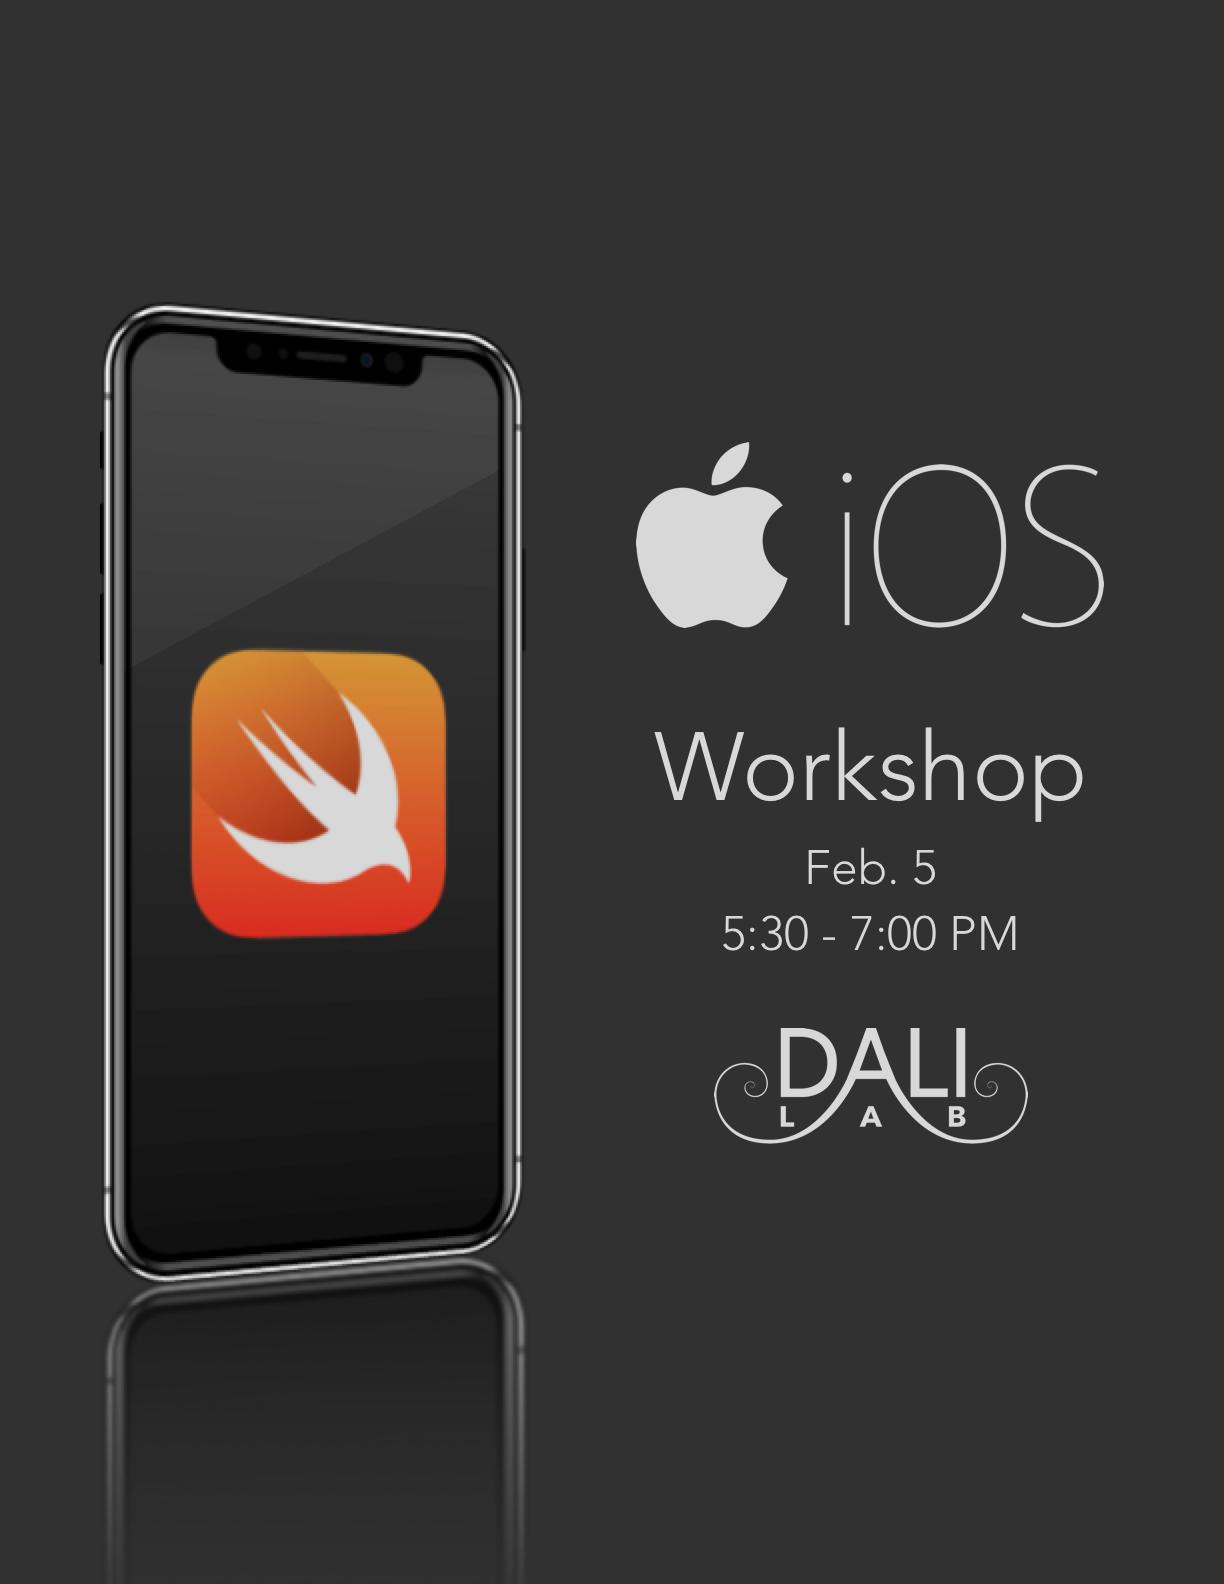 iOS Workshop Poster.jpg